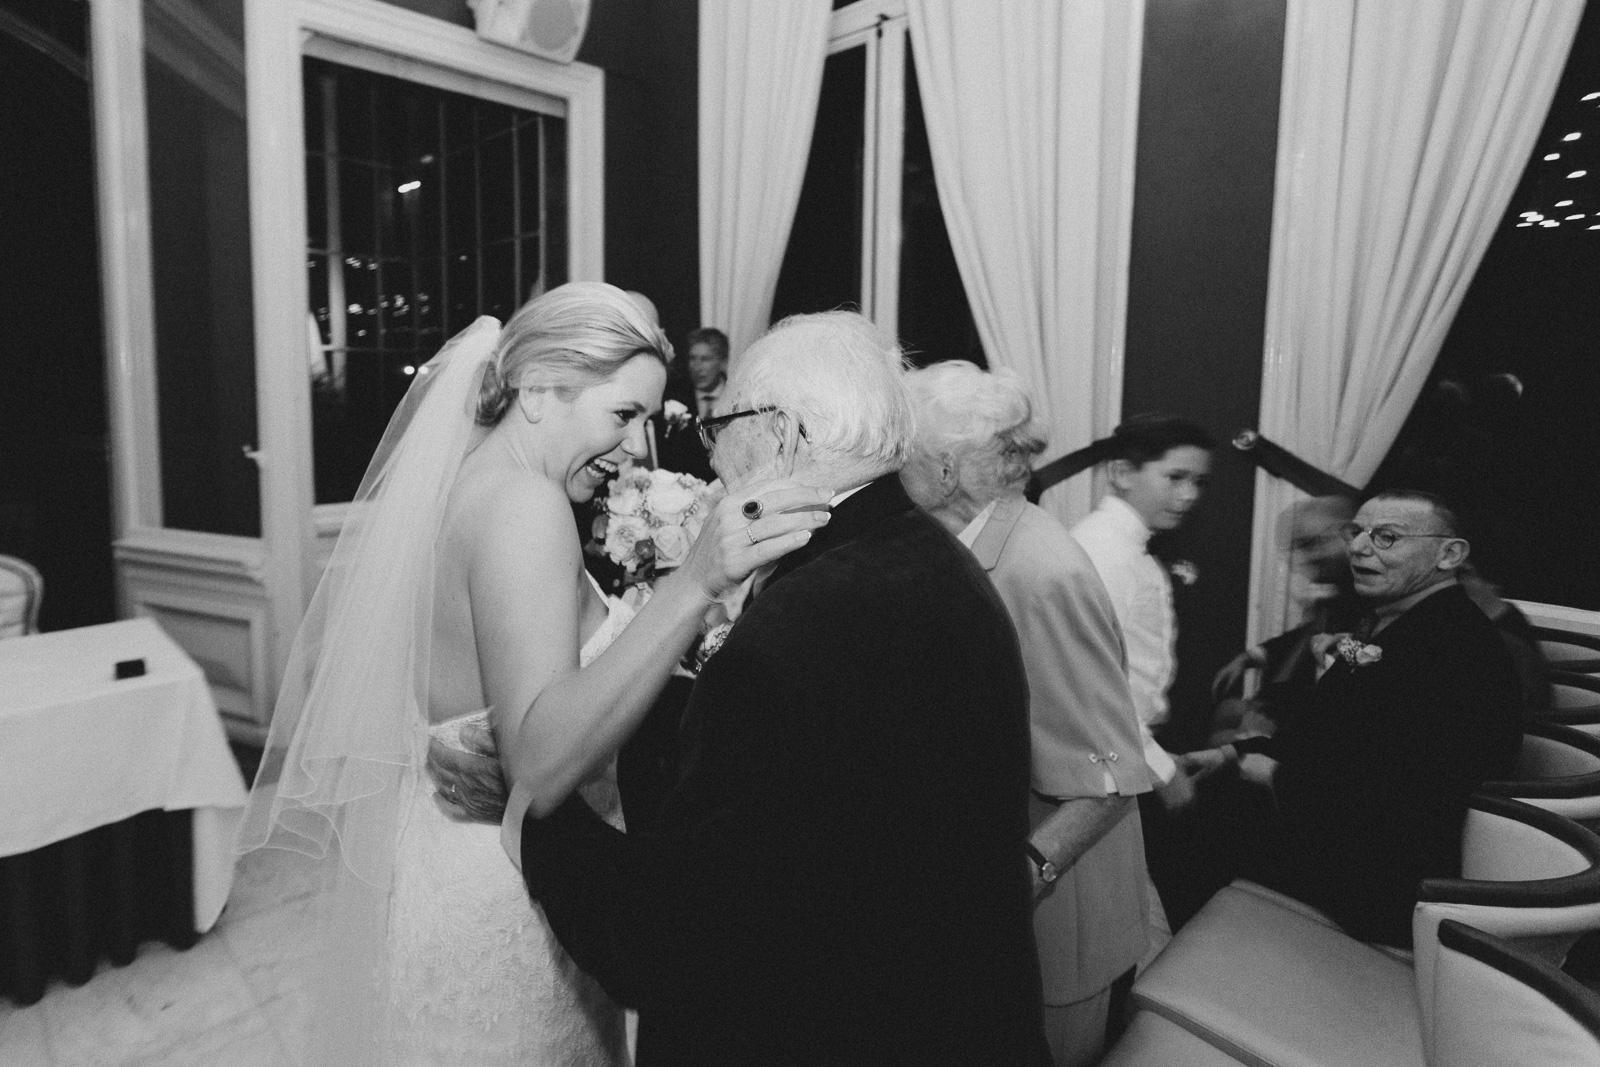 Evabloem_wedding_martine-en-jurriaan-8.jpg